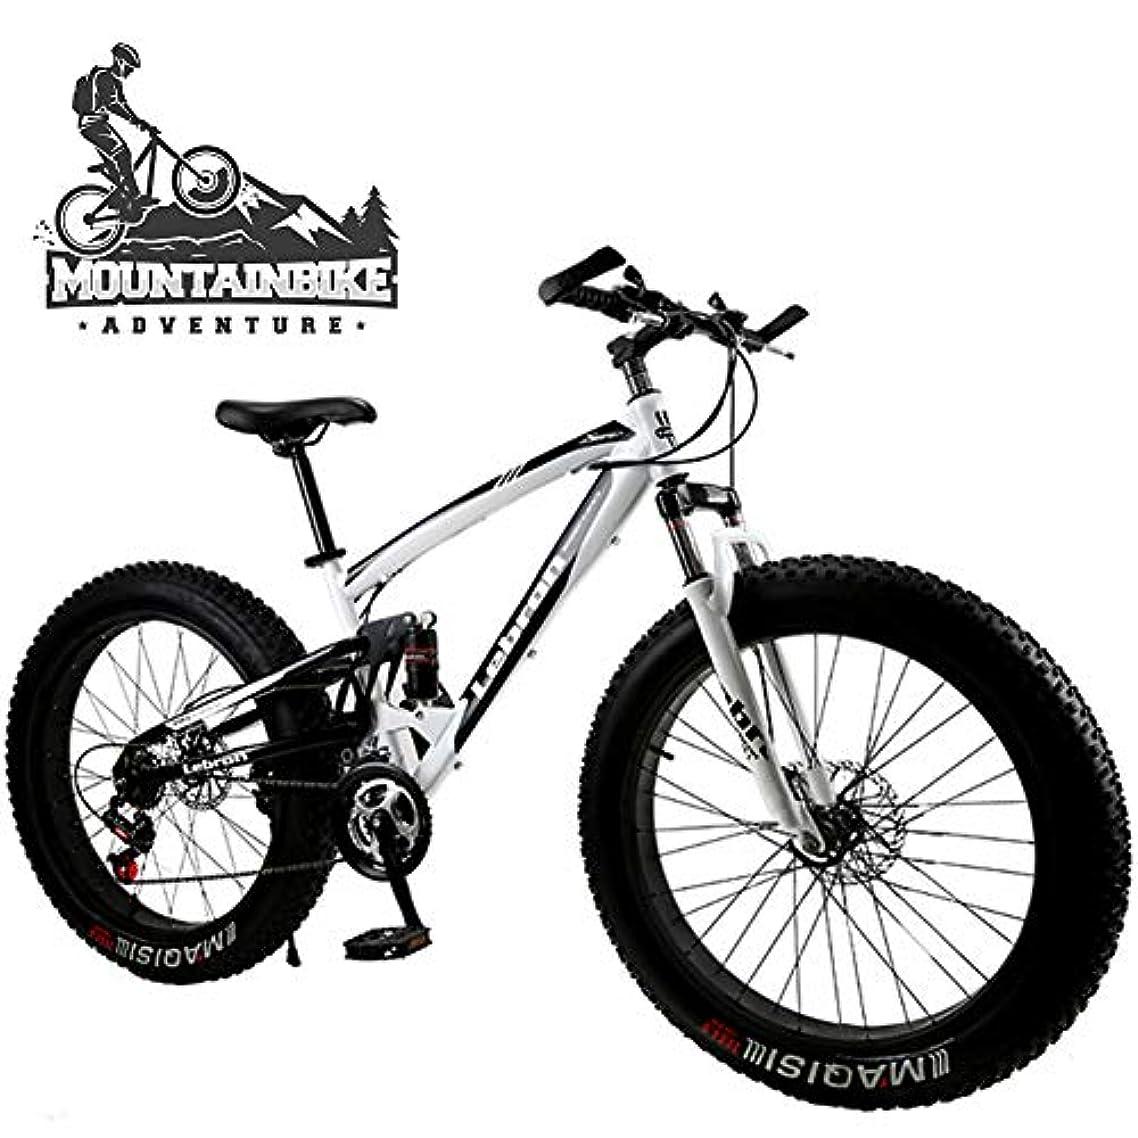 バイバイ批評画像マウンテンバイクメカニカルディスクブレーキ付きデュアルサスペンションマウンテンバイク、大人の男性、女性向けのマウンテントレイルバイク、高炭素鋼のマウンテンバイク、調整可能なシート,白,24 Inch 24 Speed